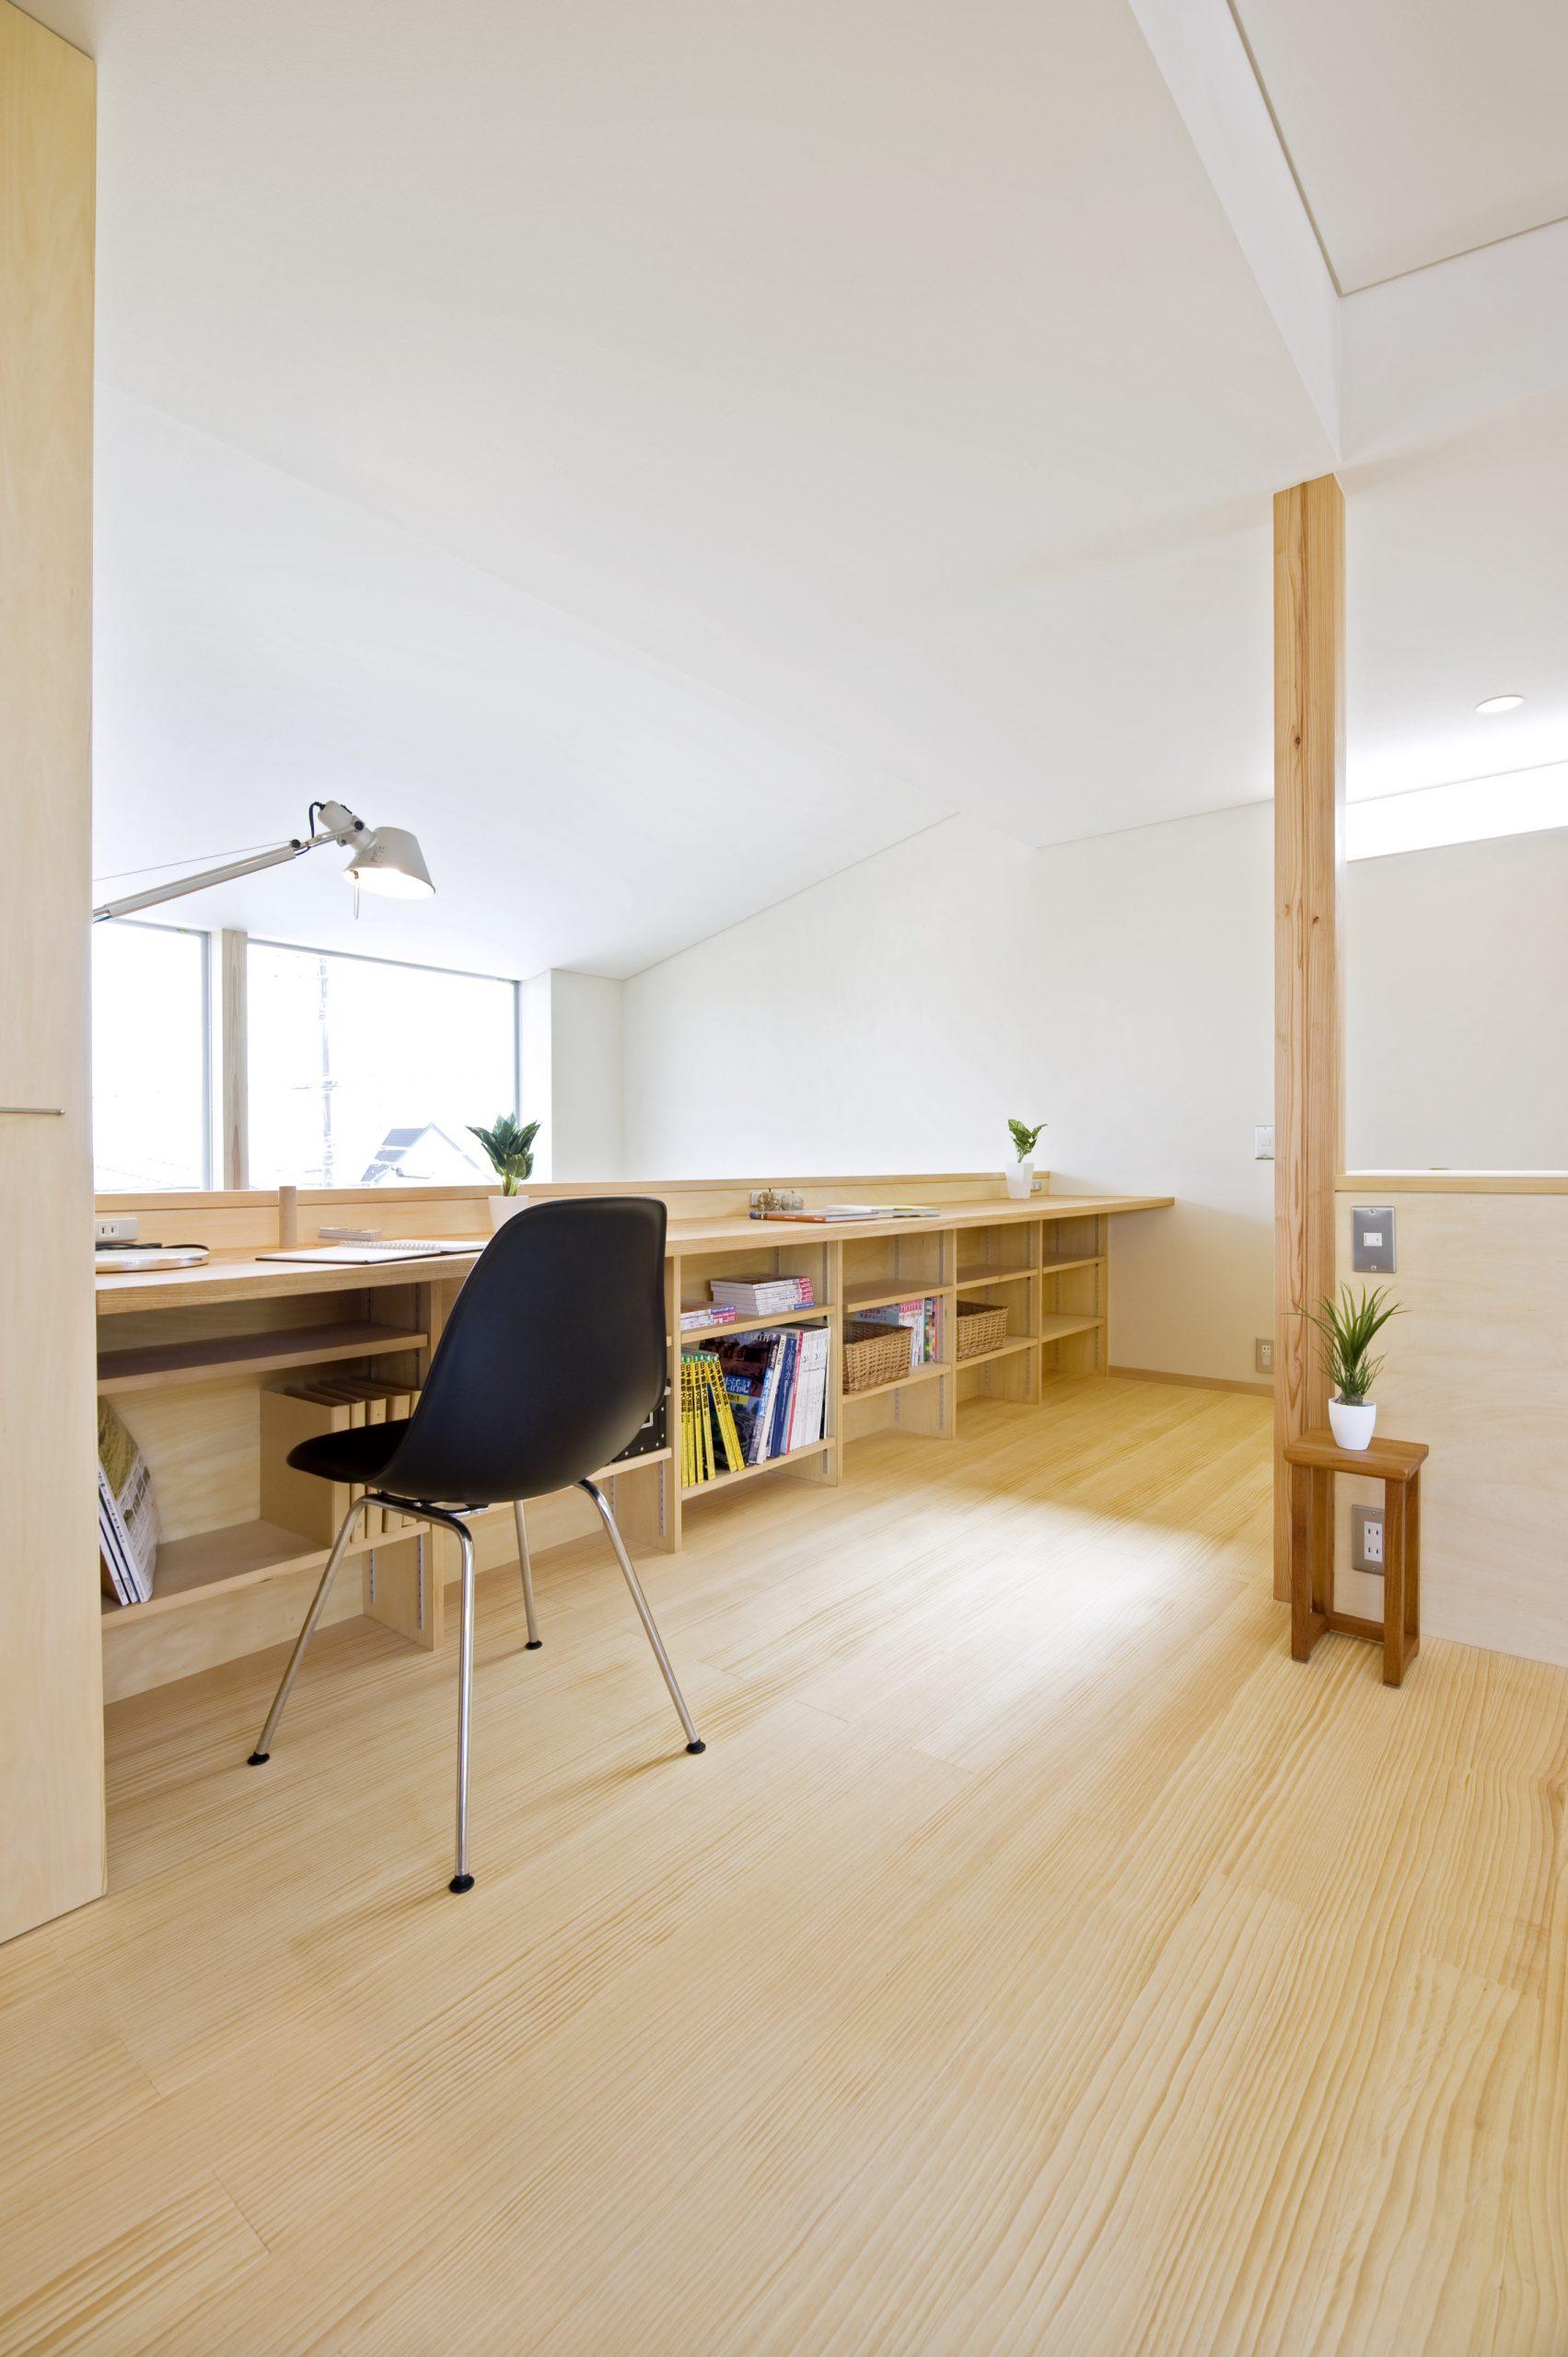 自然素材の家の内観:漆喰の壁と天井が心地よい